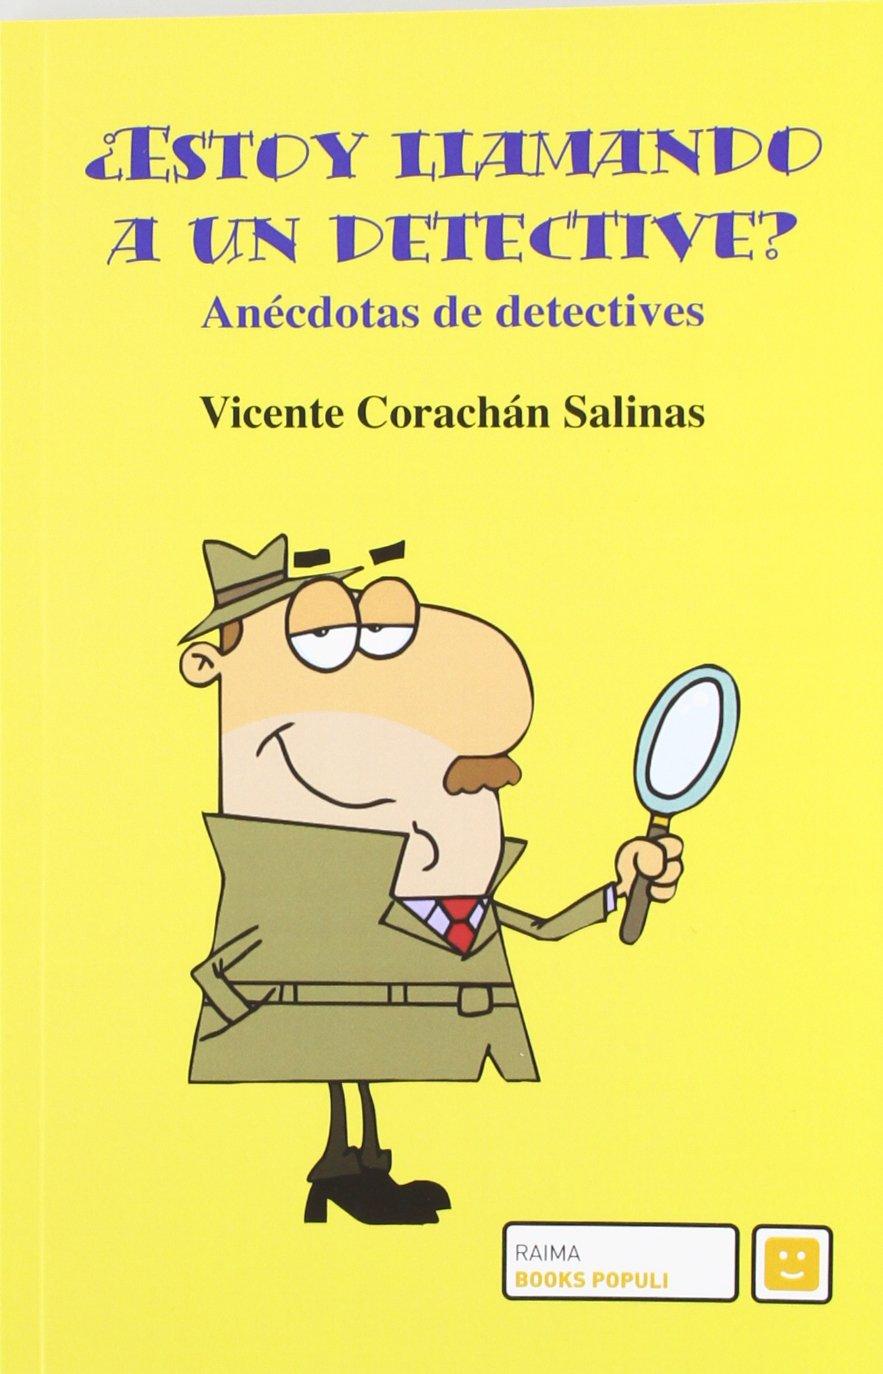 estoy-llamando-a-un-detective